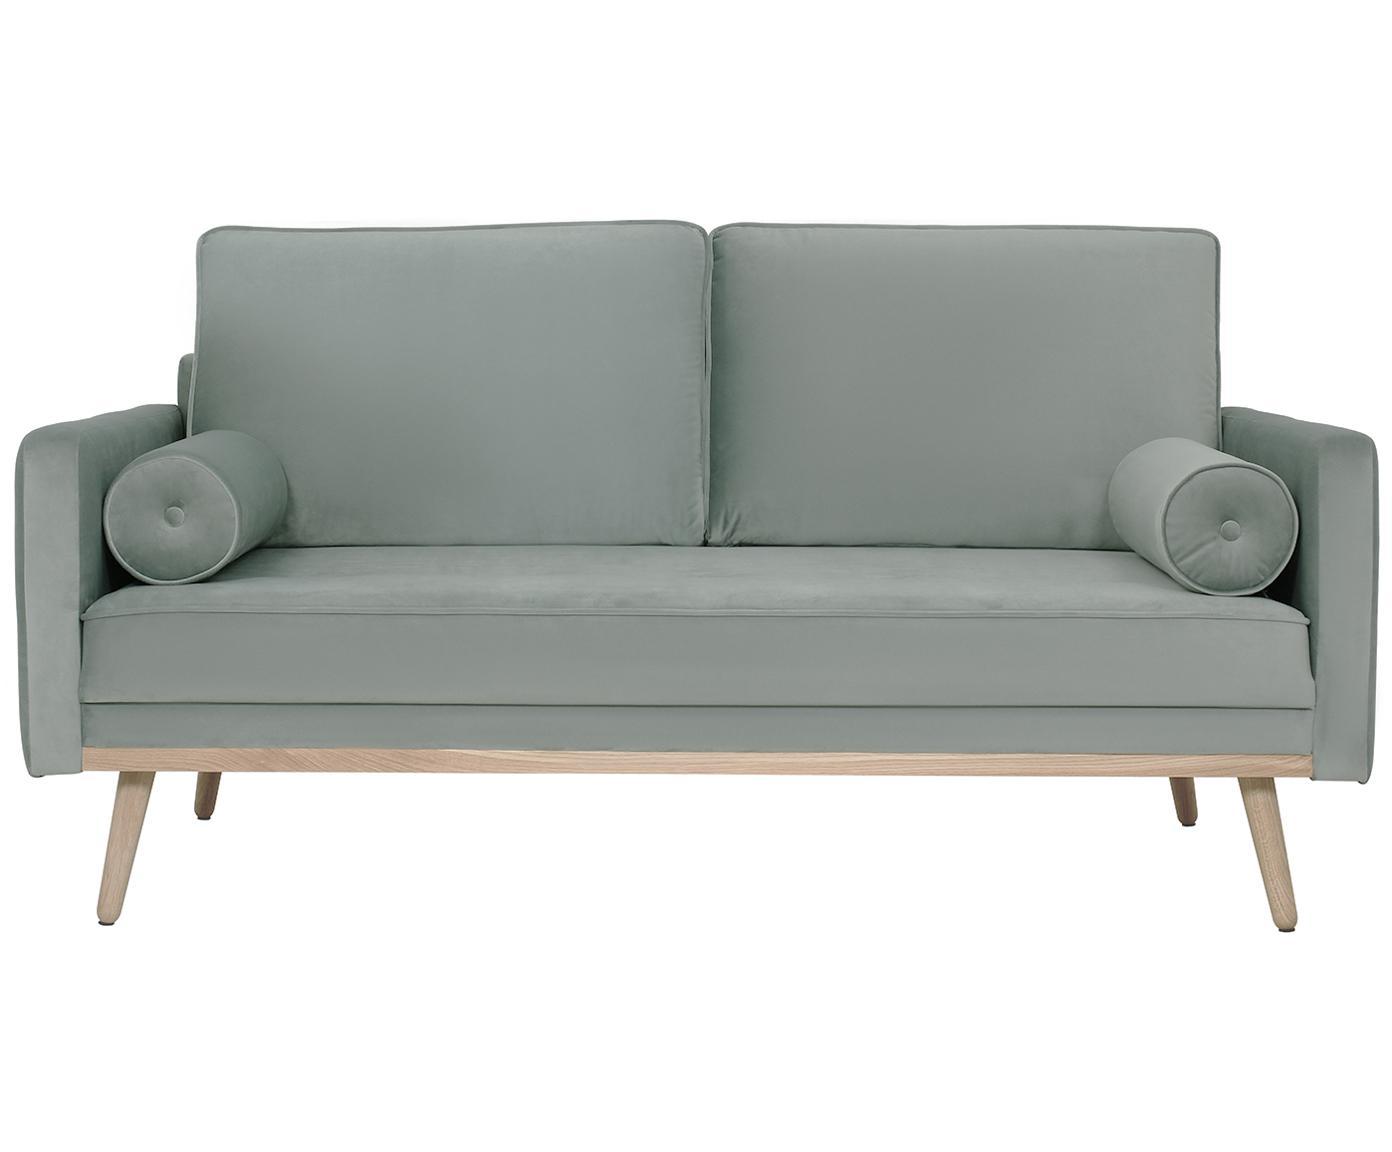 Sofa z aksamitu Saint (2-osobowa), Tapicerka: aksamit (poliester) 3500, Stelaż: lite drewno sosnowe, płyt, Aksamitny szałwiowy zielony, S 169 x G 87 cm